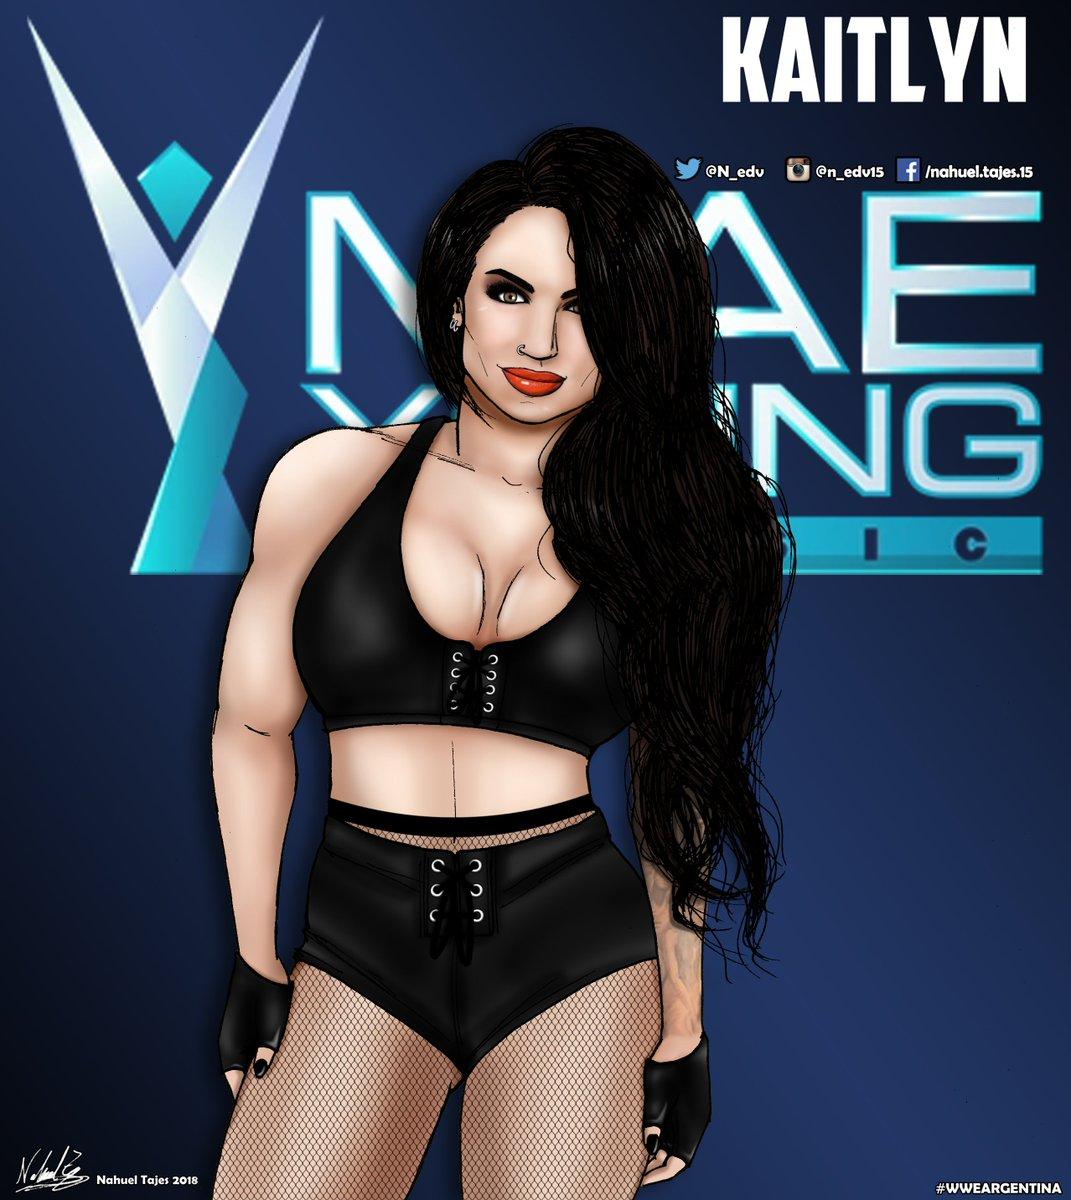 butt Twitter Kaitlyn (WWE) naked photo 2017